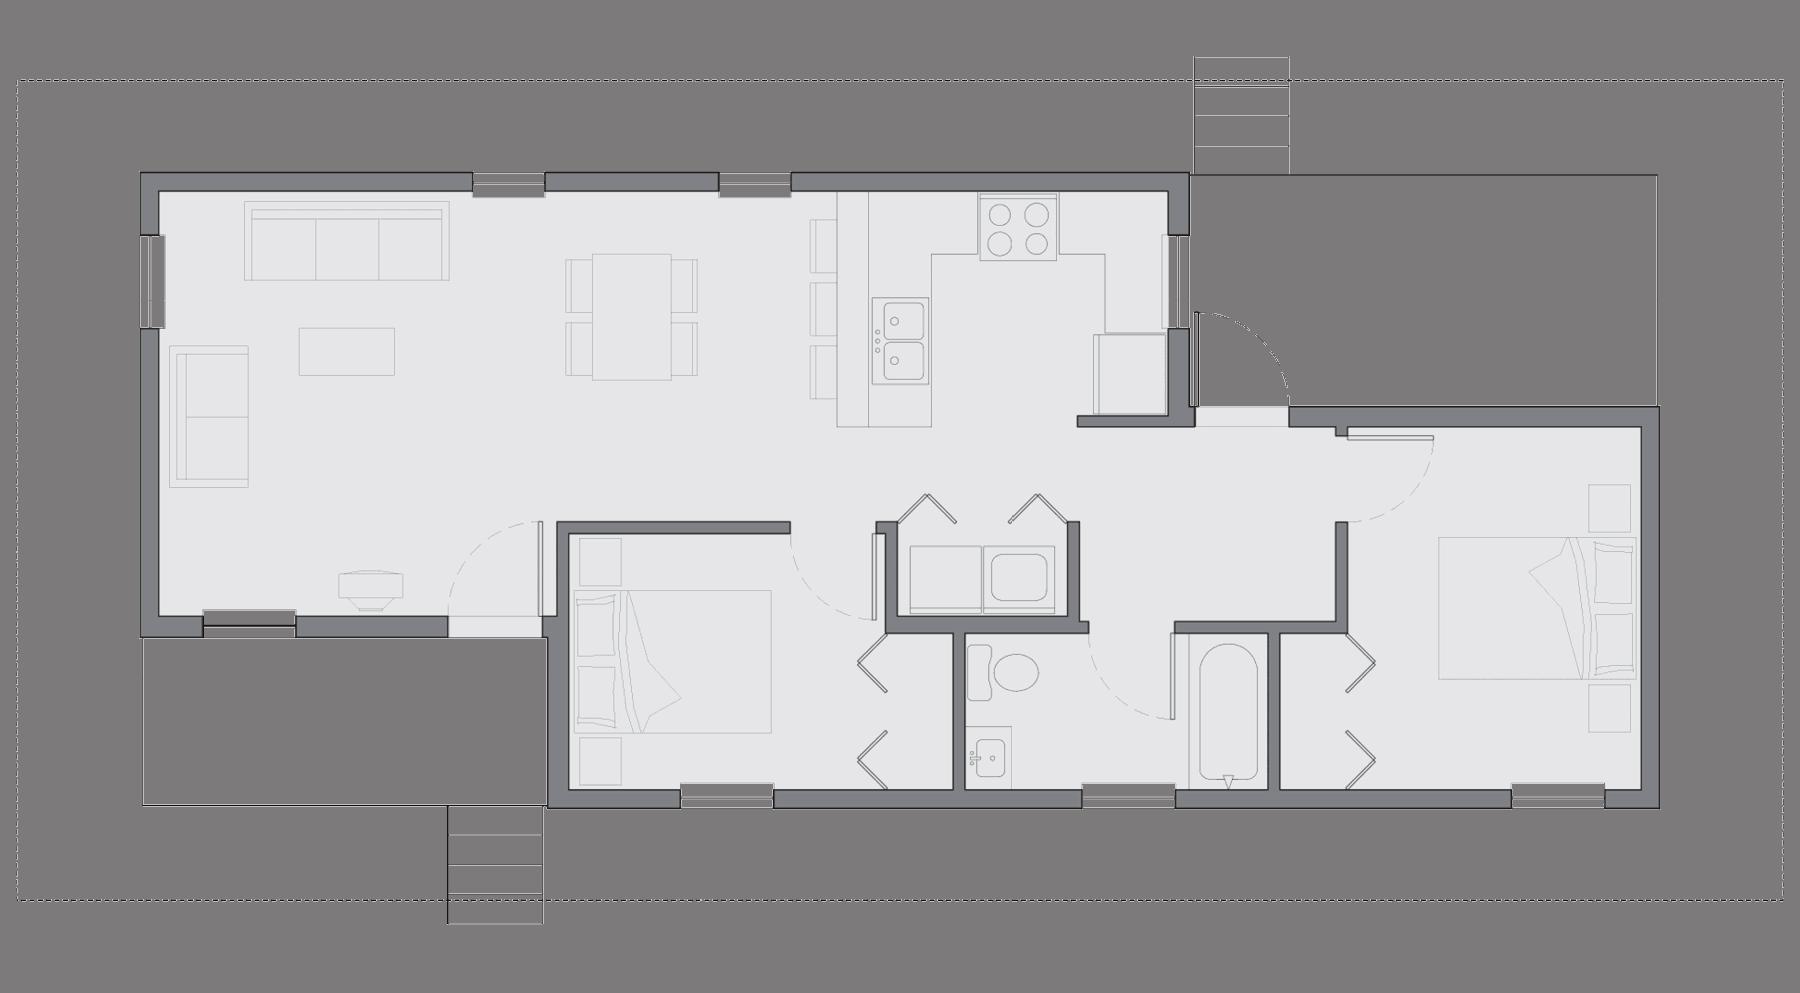 sylvia's home plan